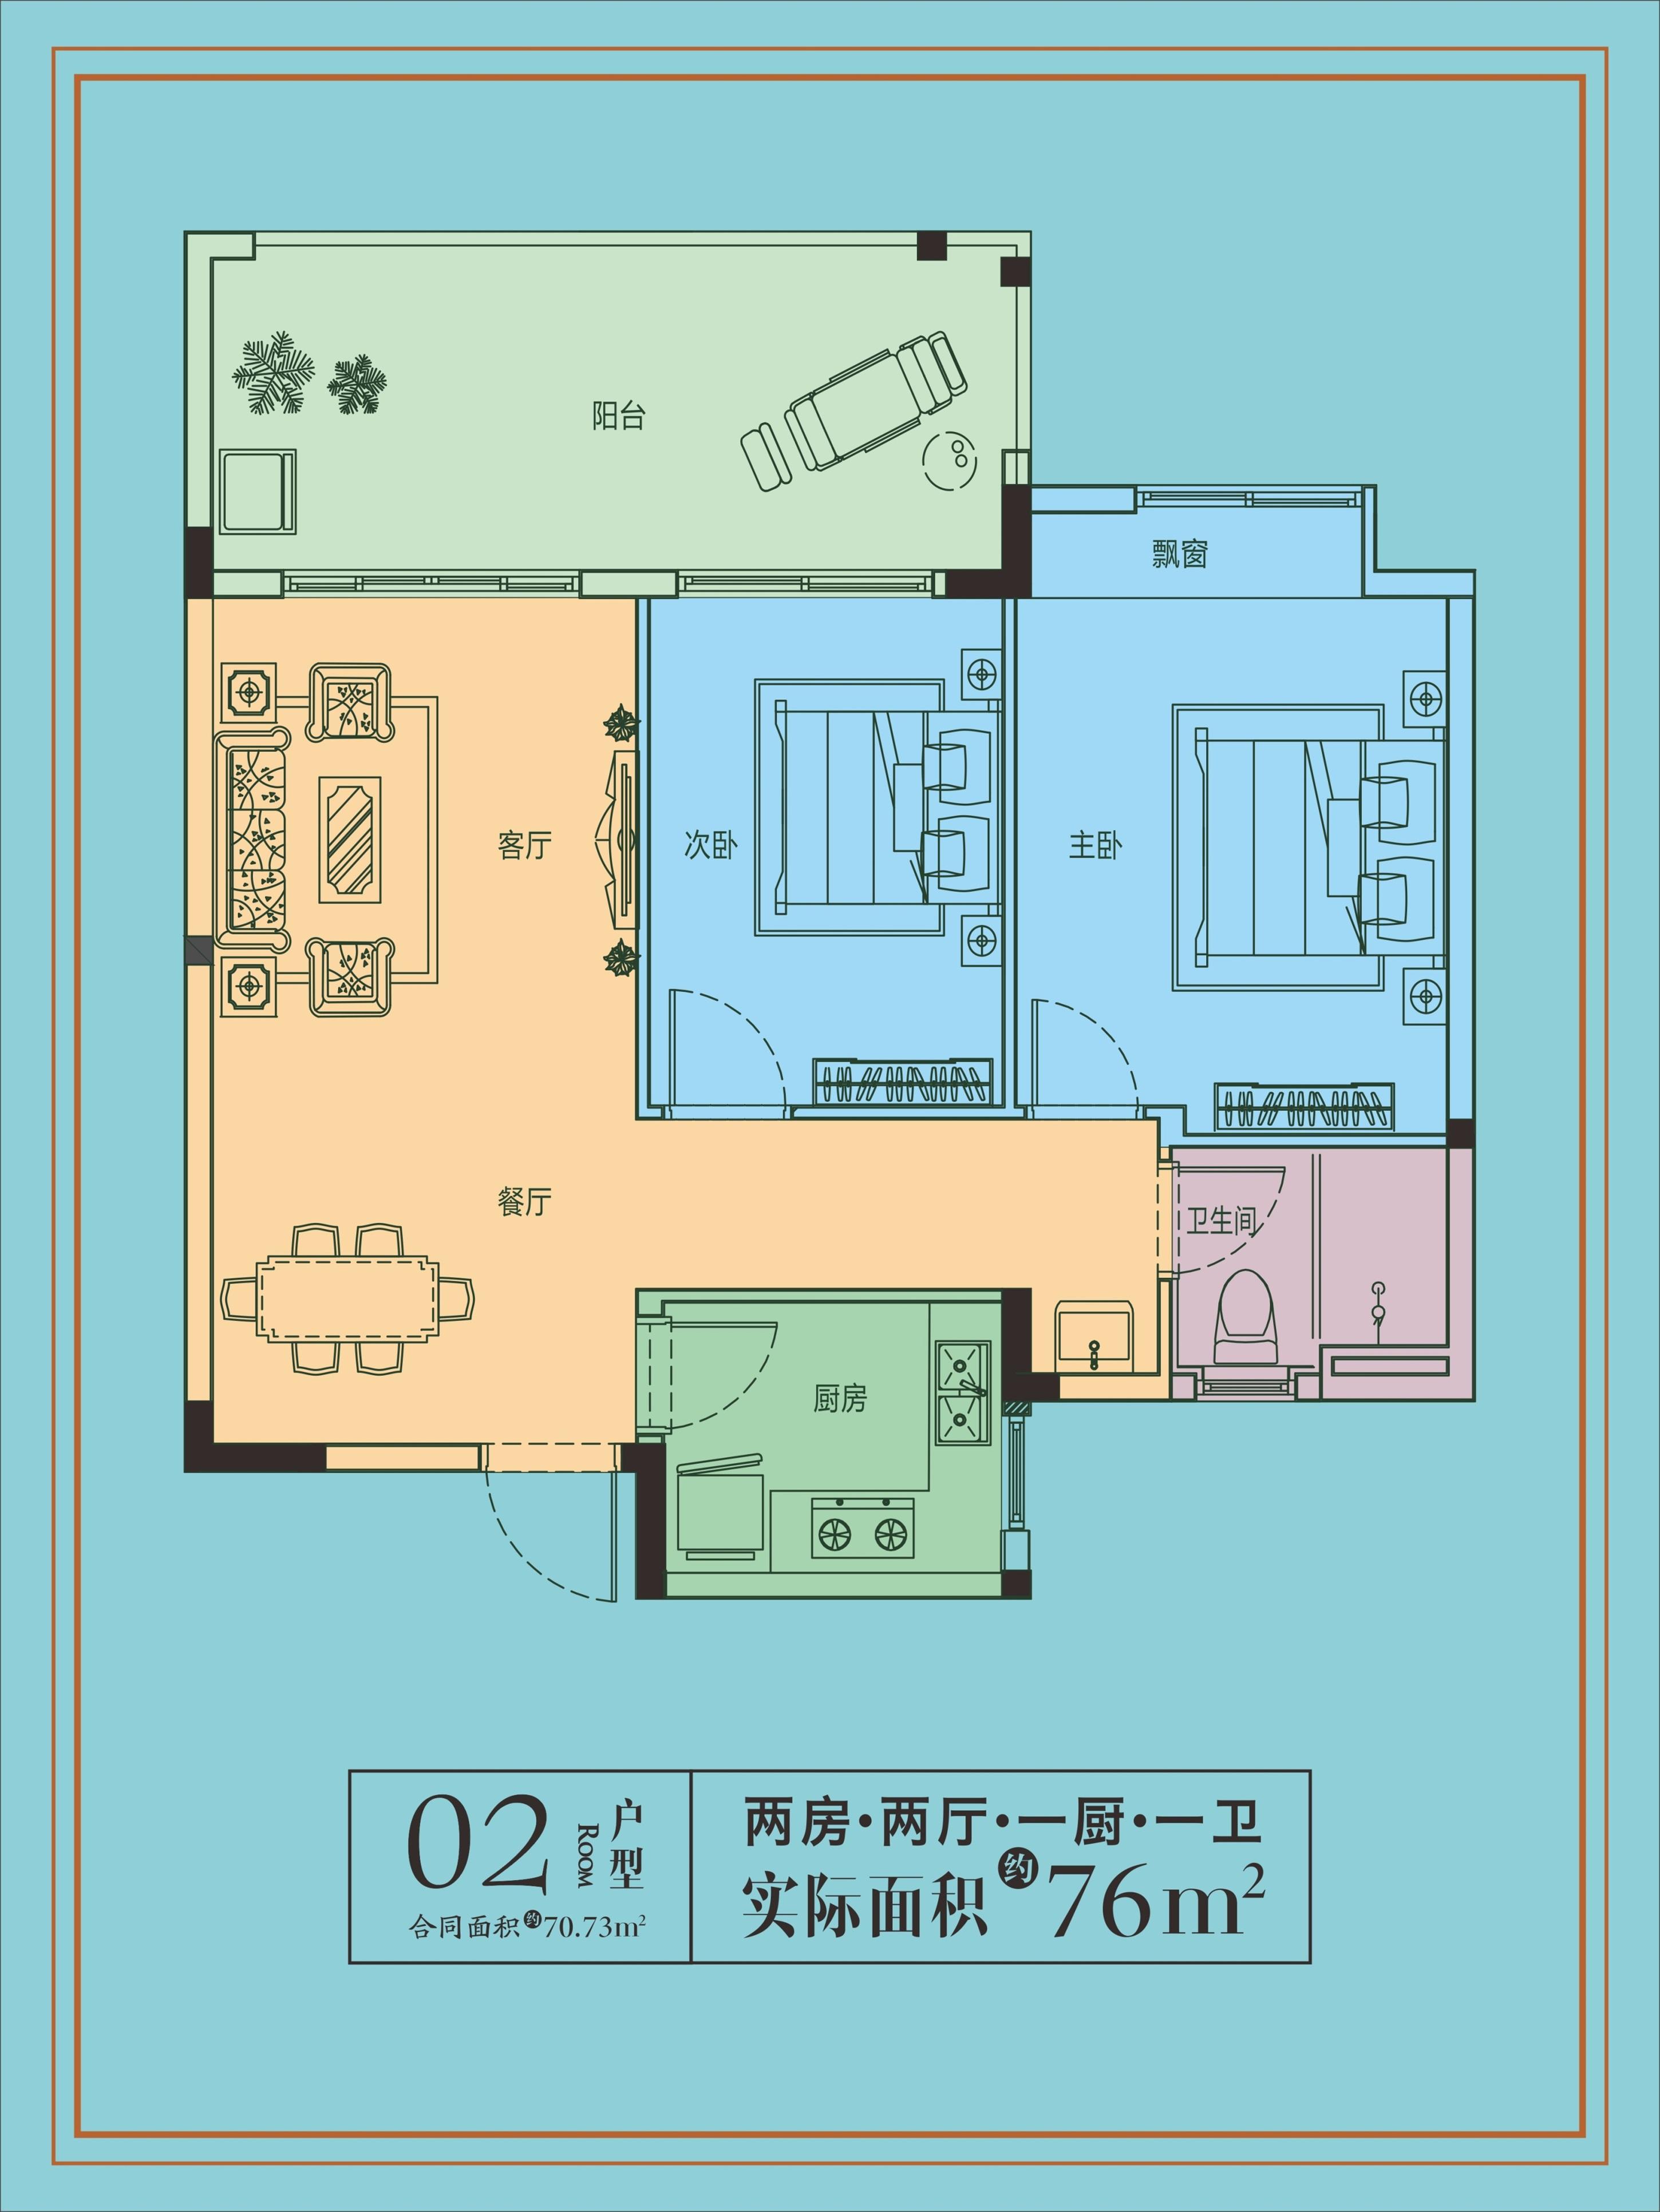 22棟02戶型 2房2廳1廚1衛 建面76㎡